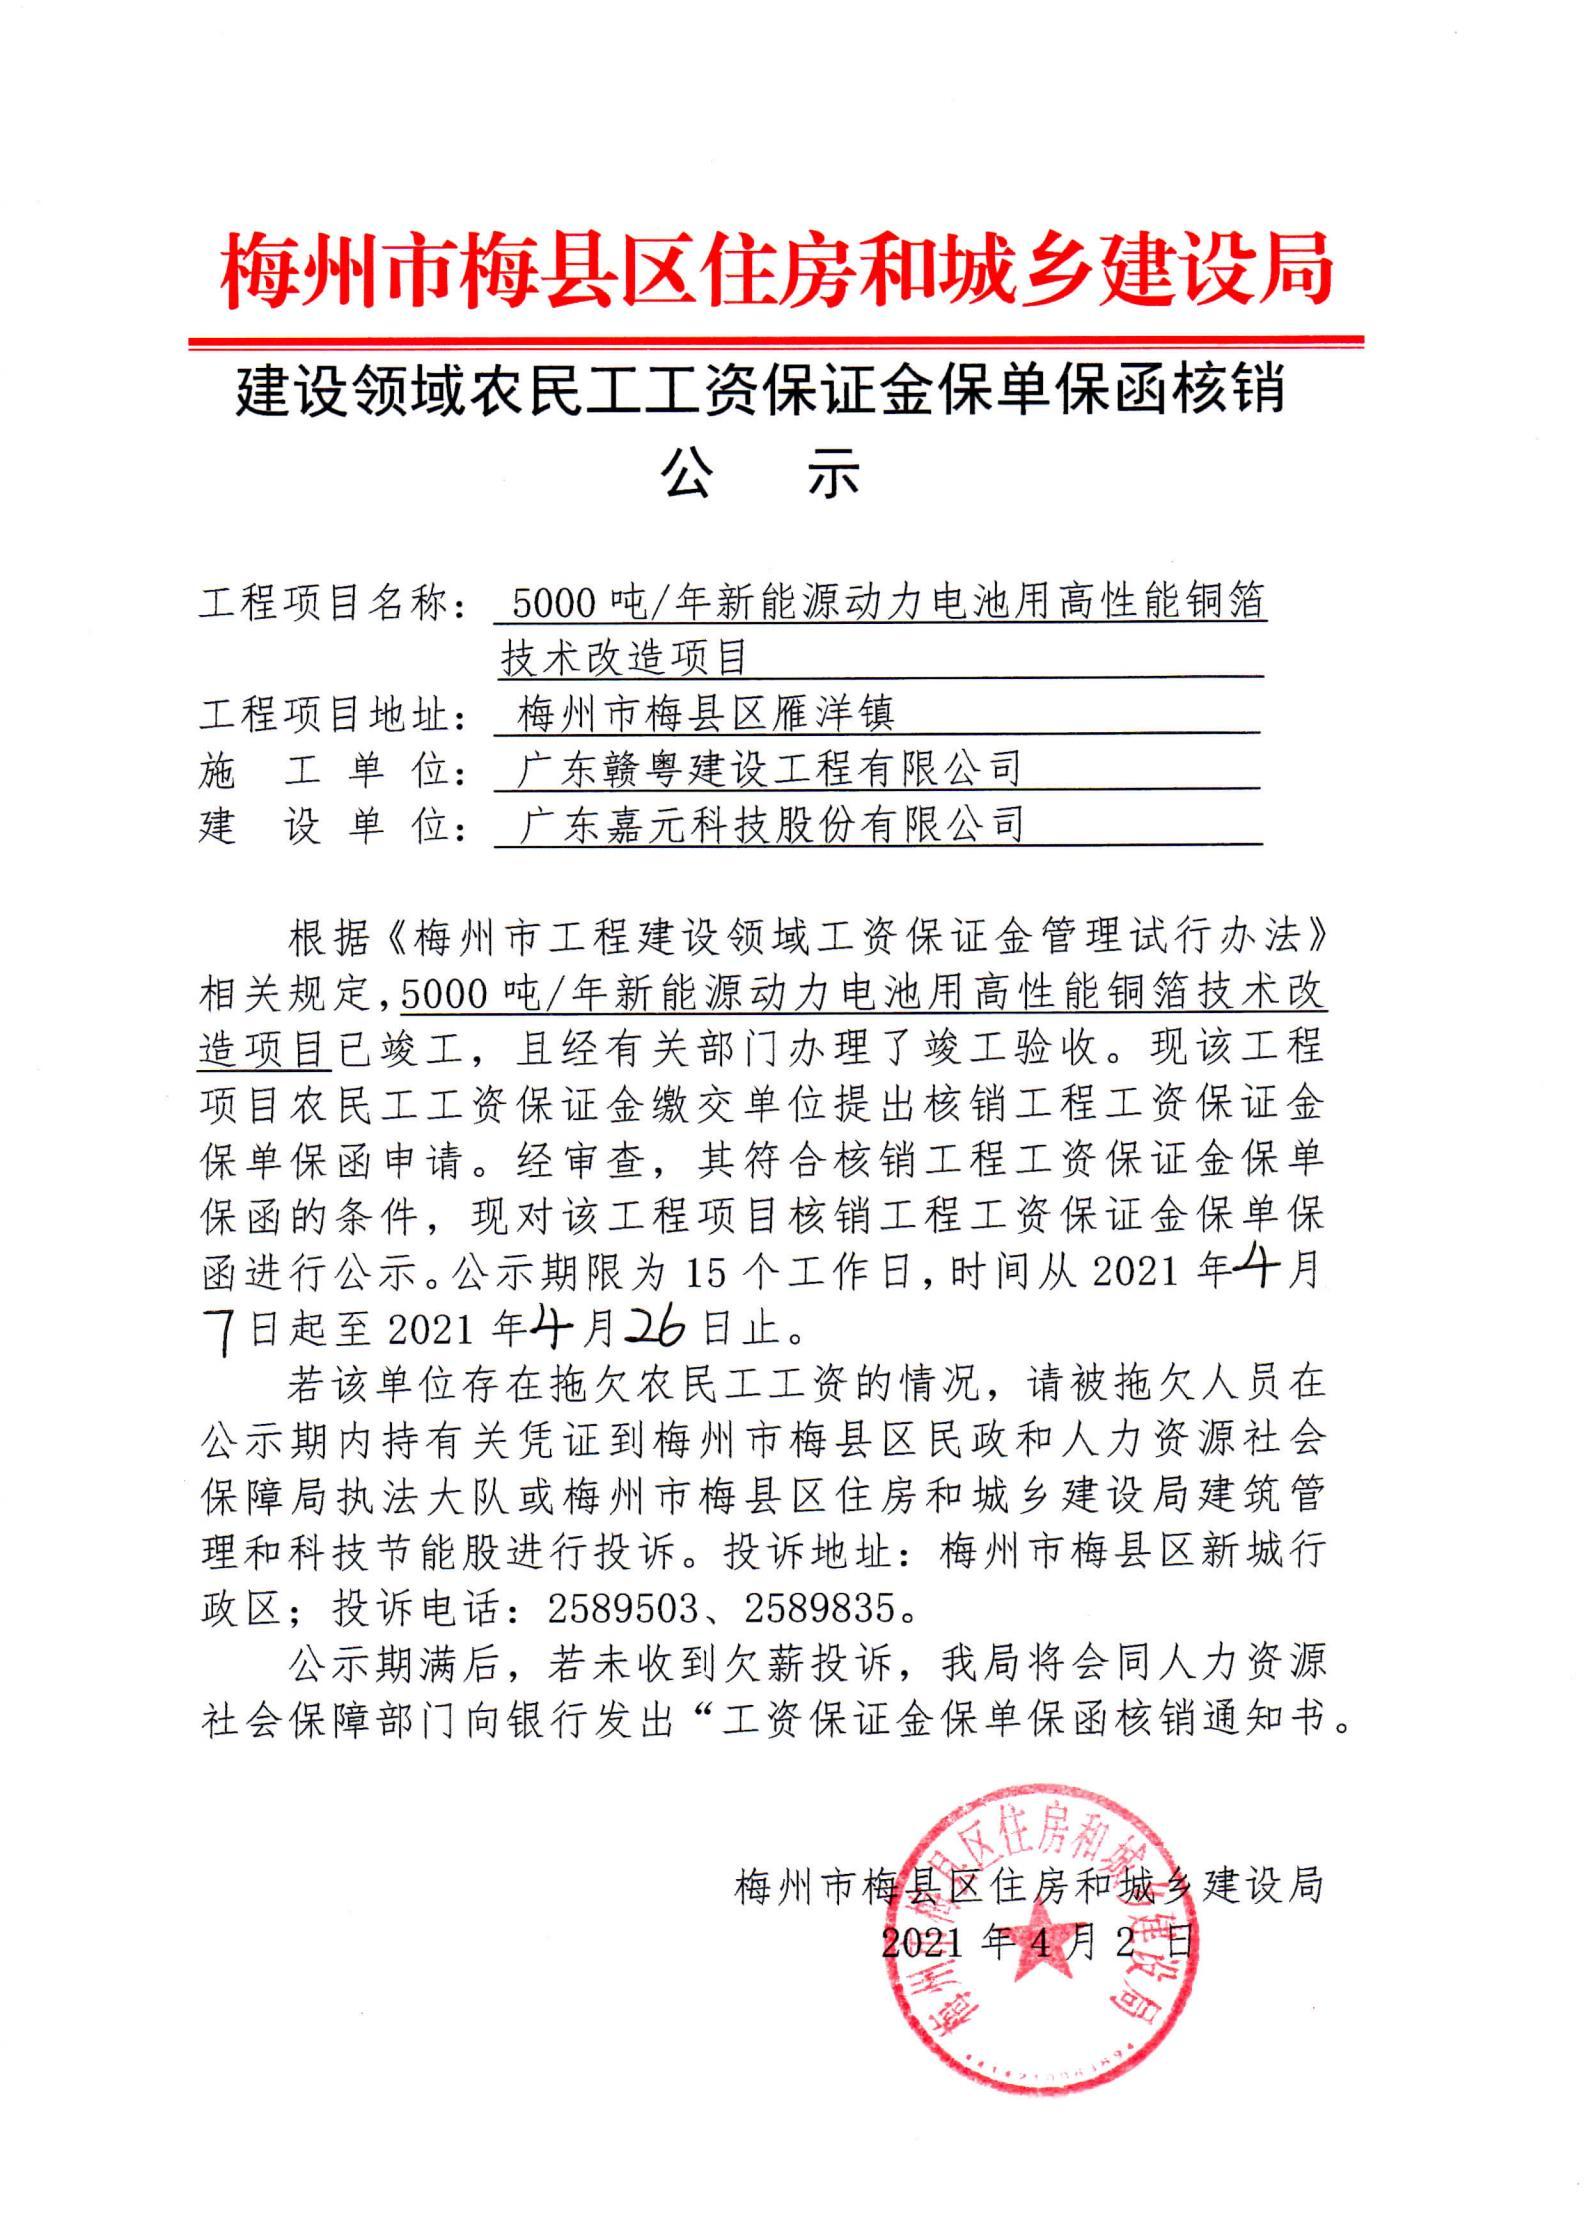 建设领域农民工工资保证金保单保函核销公示_00.jpg